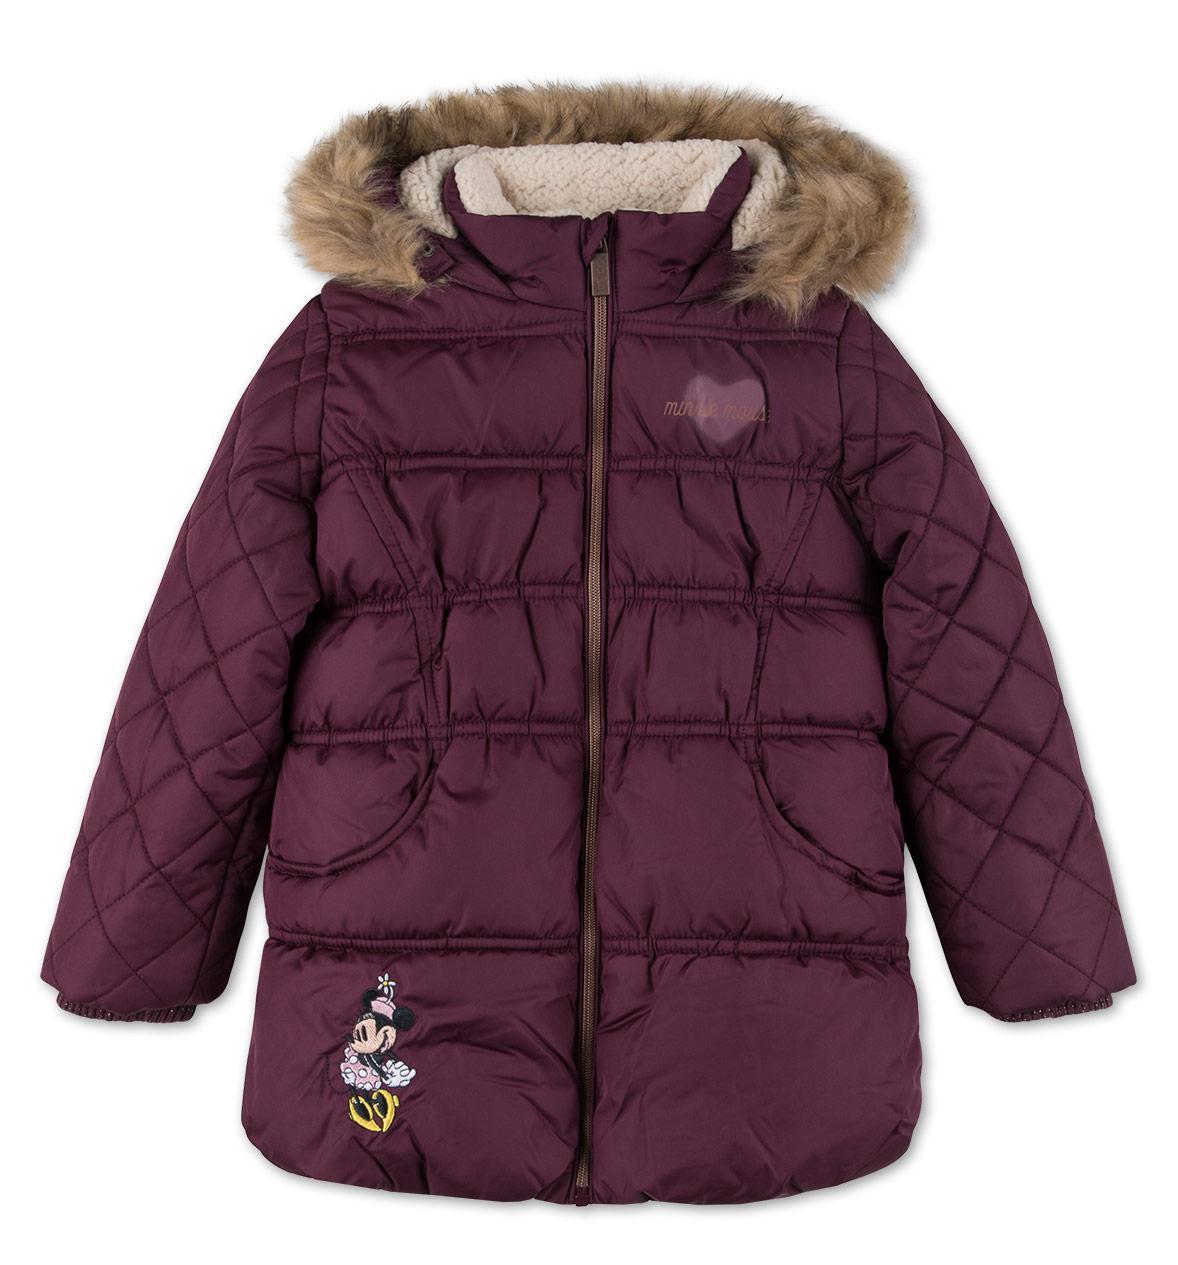 Детская зимняя куртка с Минни Маус на девочку от C&A Disney Размер 122